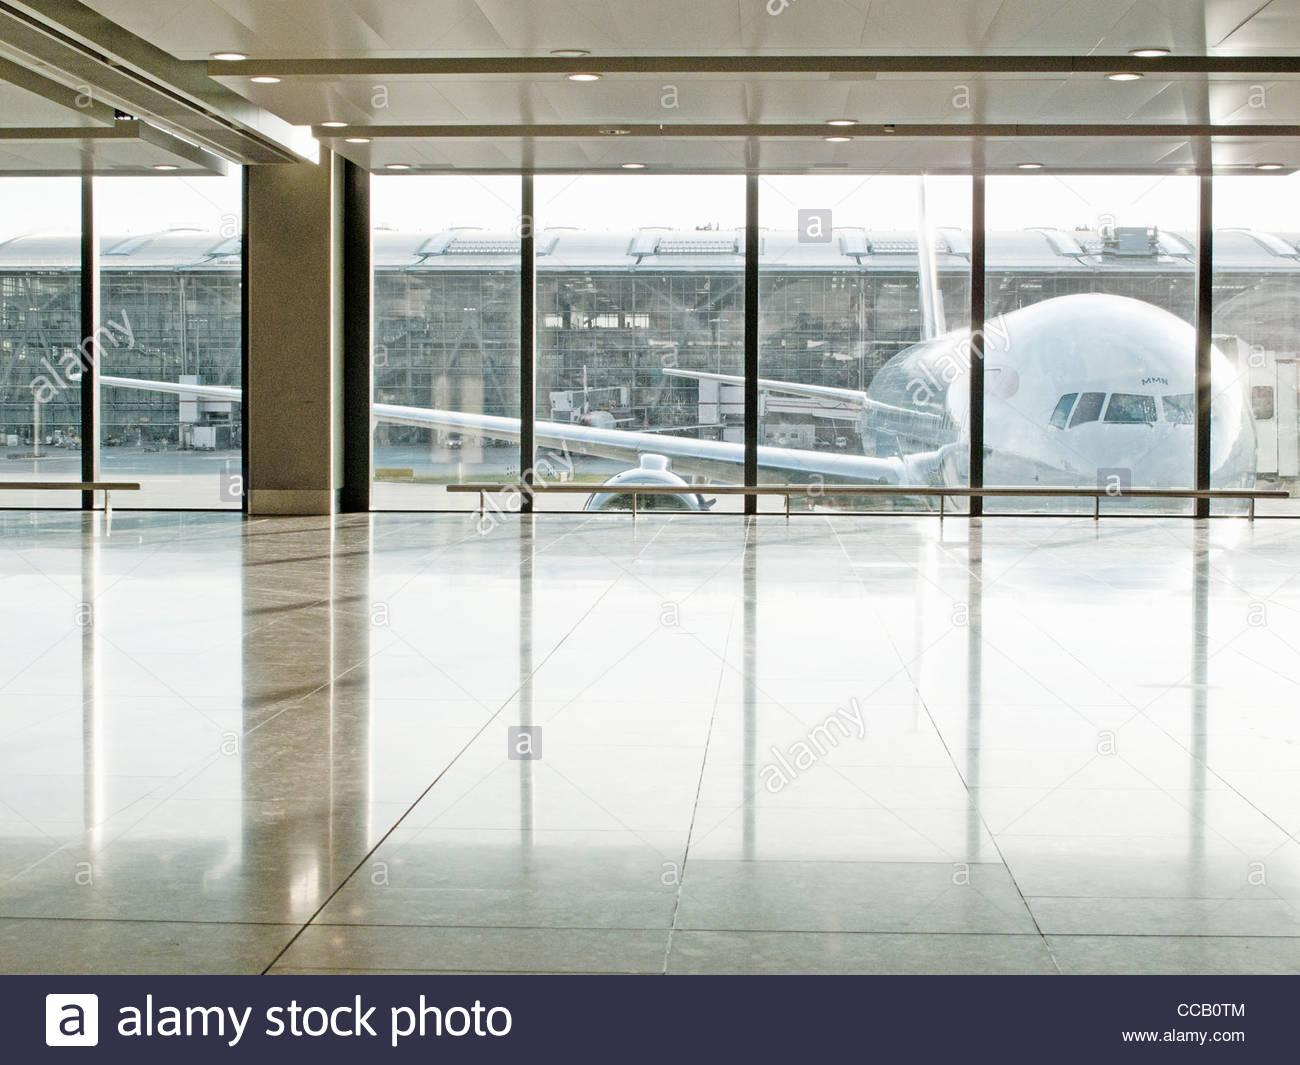 Visto a través de la ventana del avión en la terminal del aeropuerto Imagen De Stock